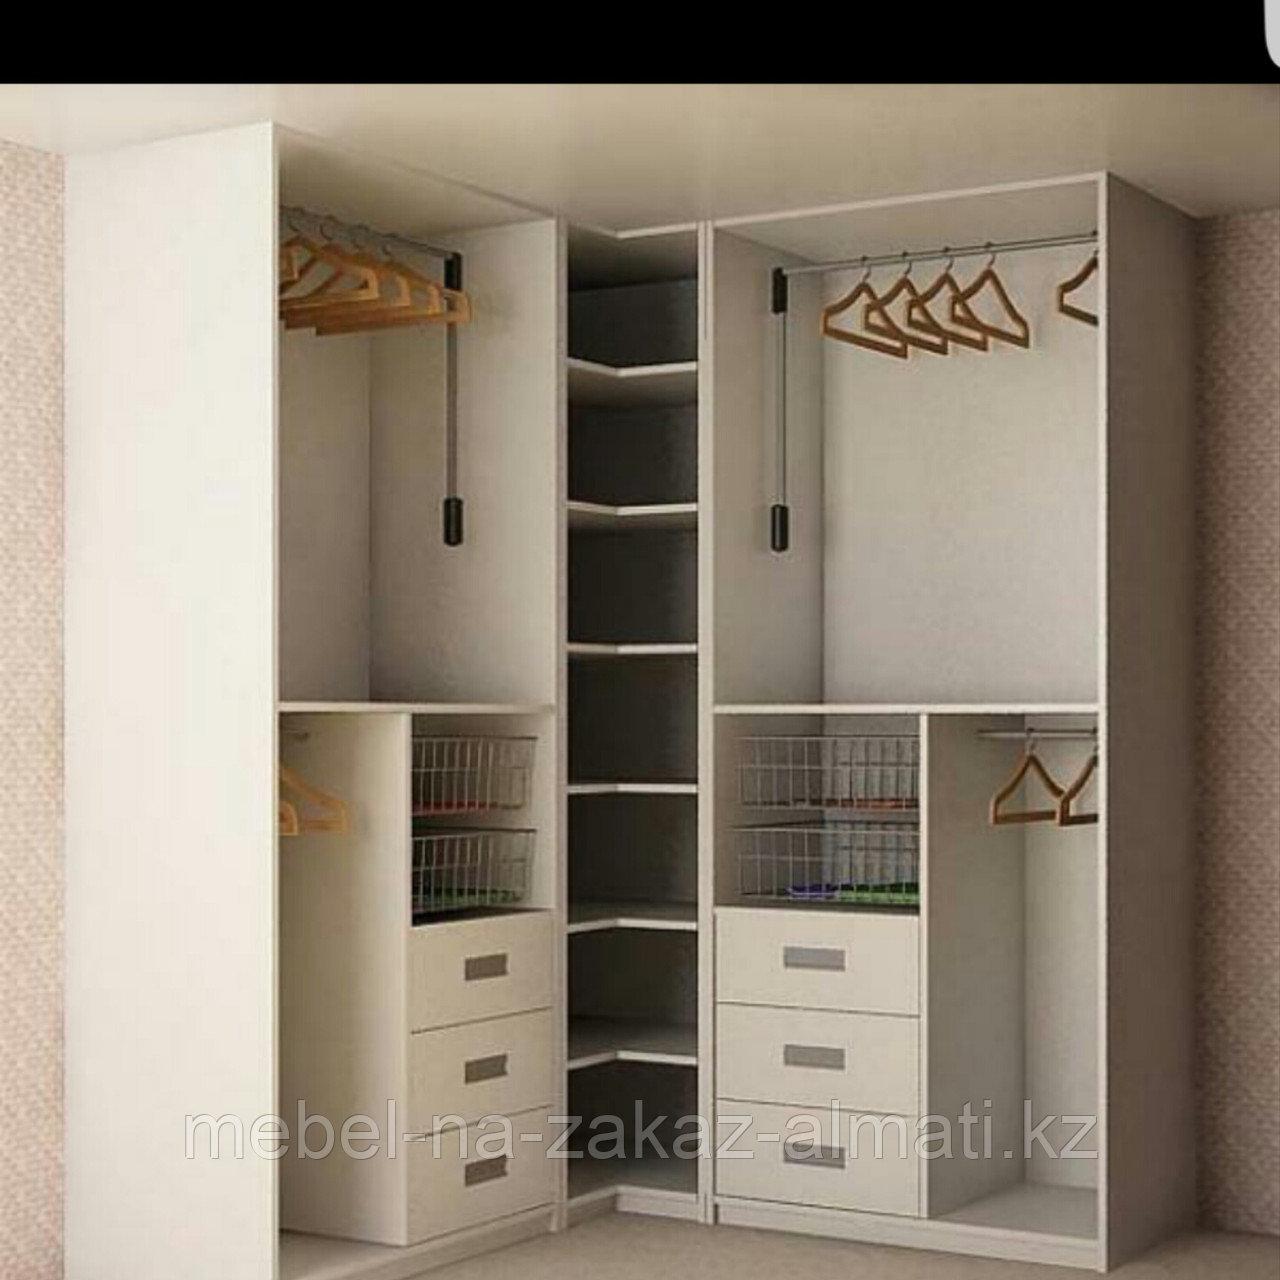 Гардеробные шкафы под заказ в Алматы